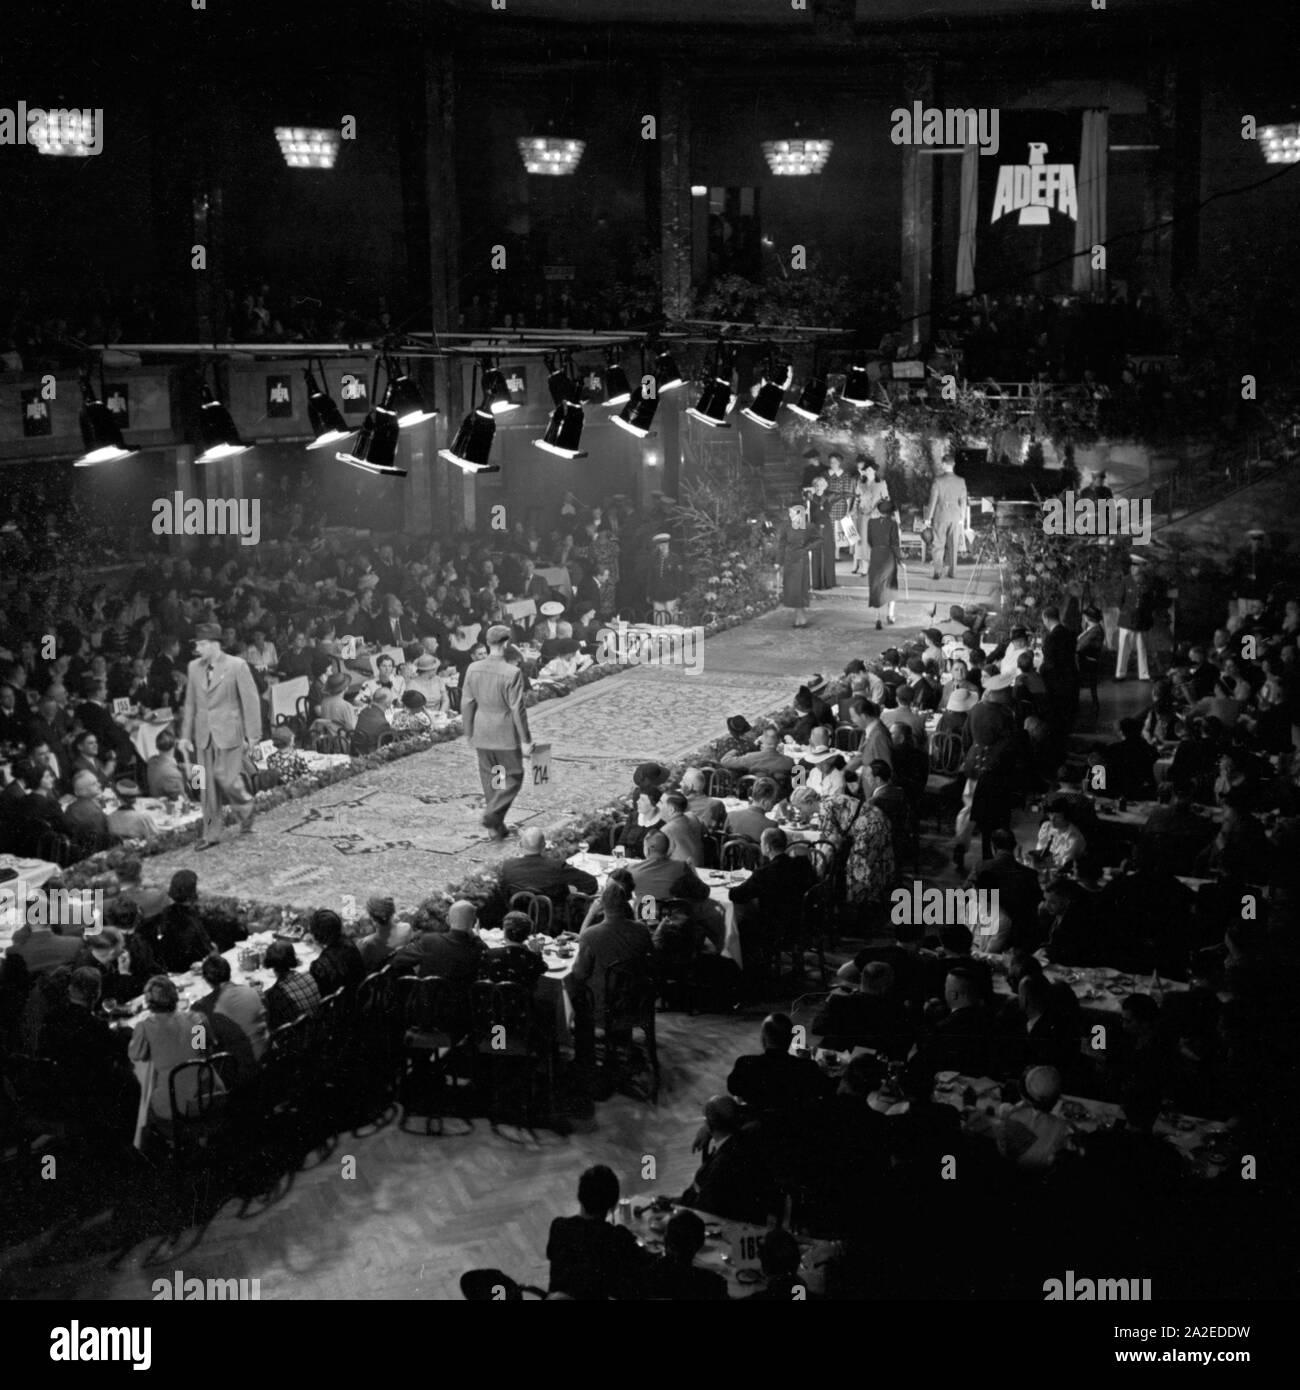 Auch Herrenmode wird auf der ADEFA Modenschau den Einkäufern präsentiert, Deutschland 1930er Jahre. Also men's fashion is presented to the purchasing agents at the ADEFA fashion show, Germany 1930s. Stock Photo